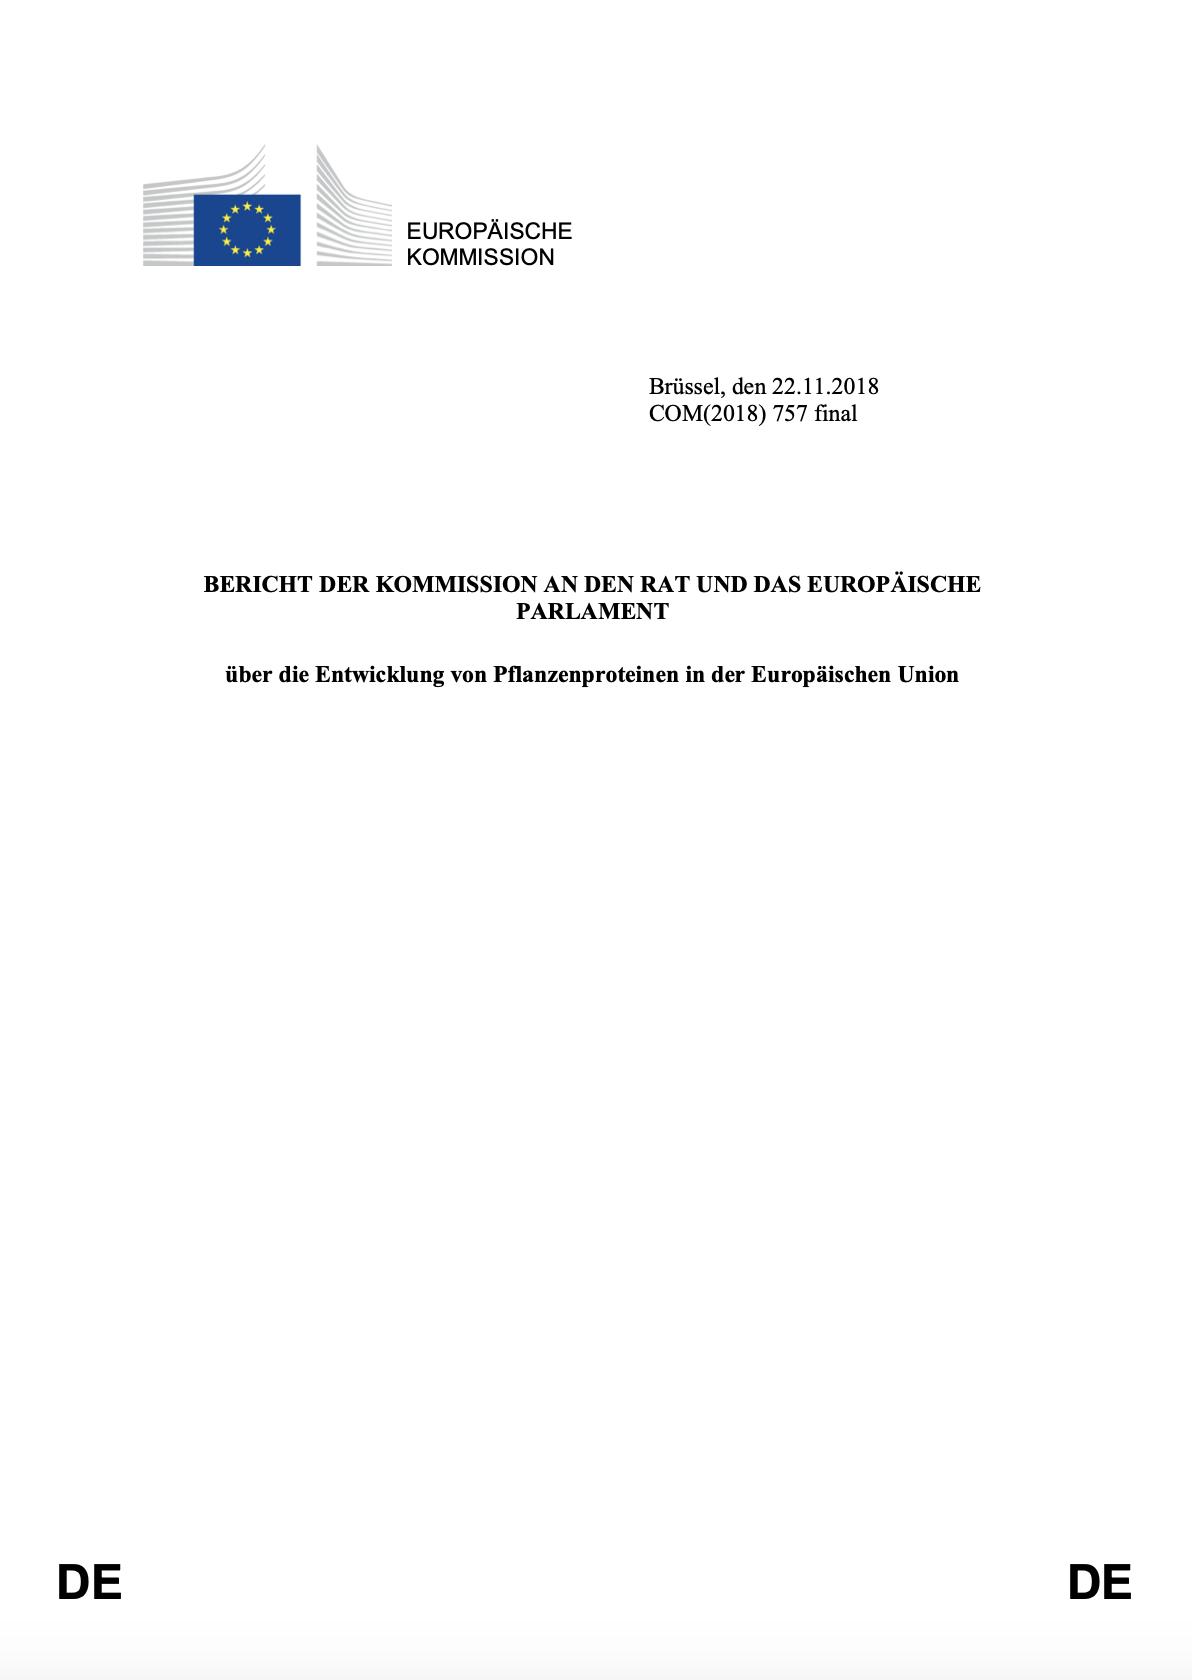 BERICHT DER KOMMISSION AN DEN RAT UND DAS EUROPÄISCHE PARLAMENT über die Entwicklung von Pflanzenproteinen in der Europäischen Union